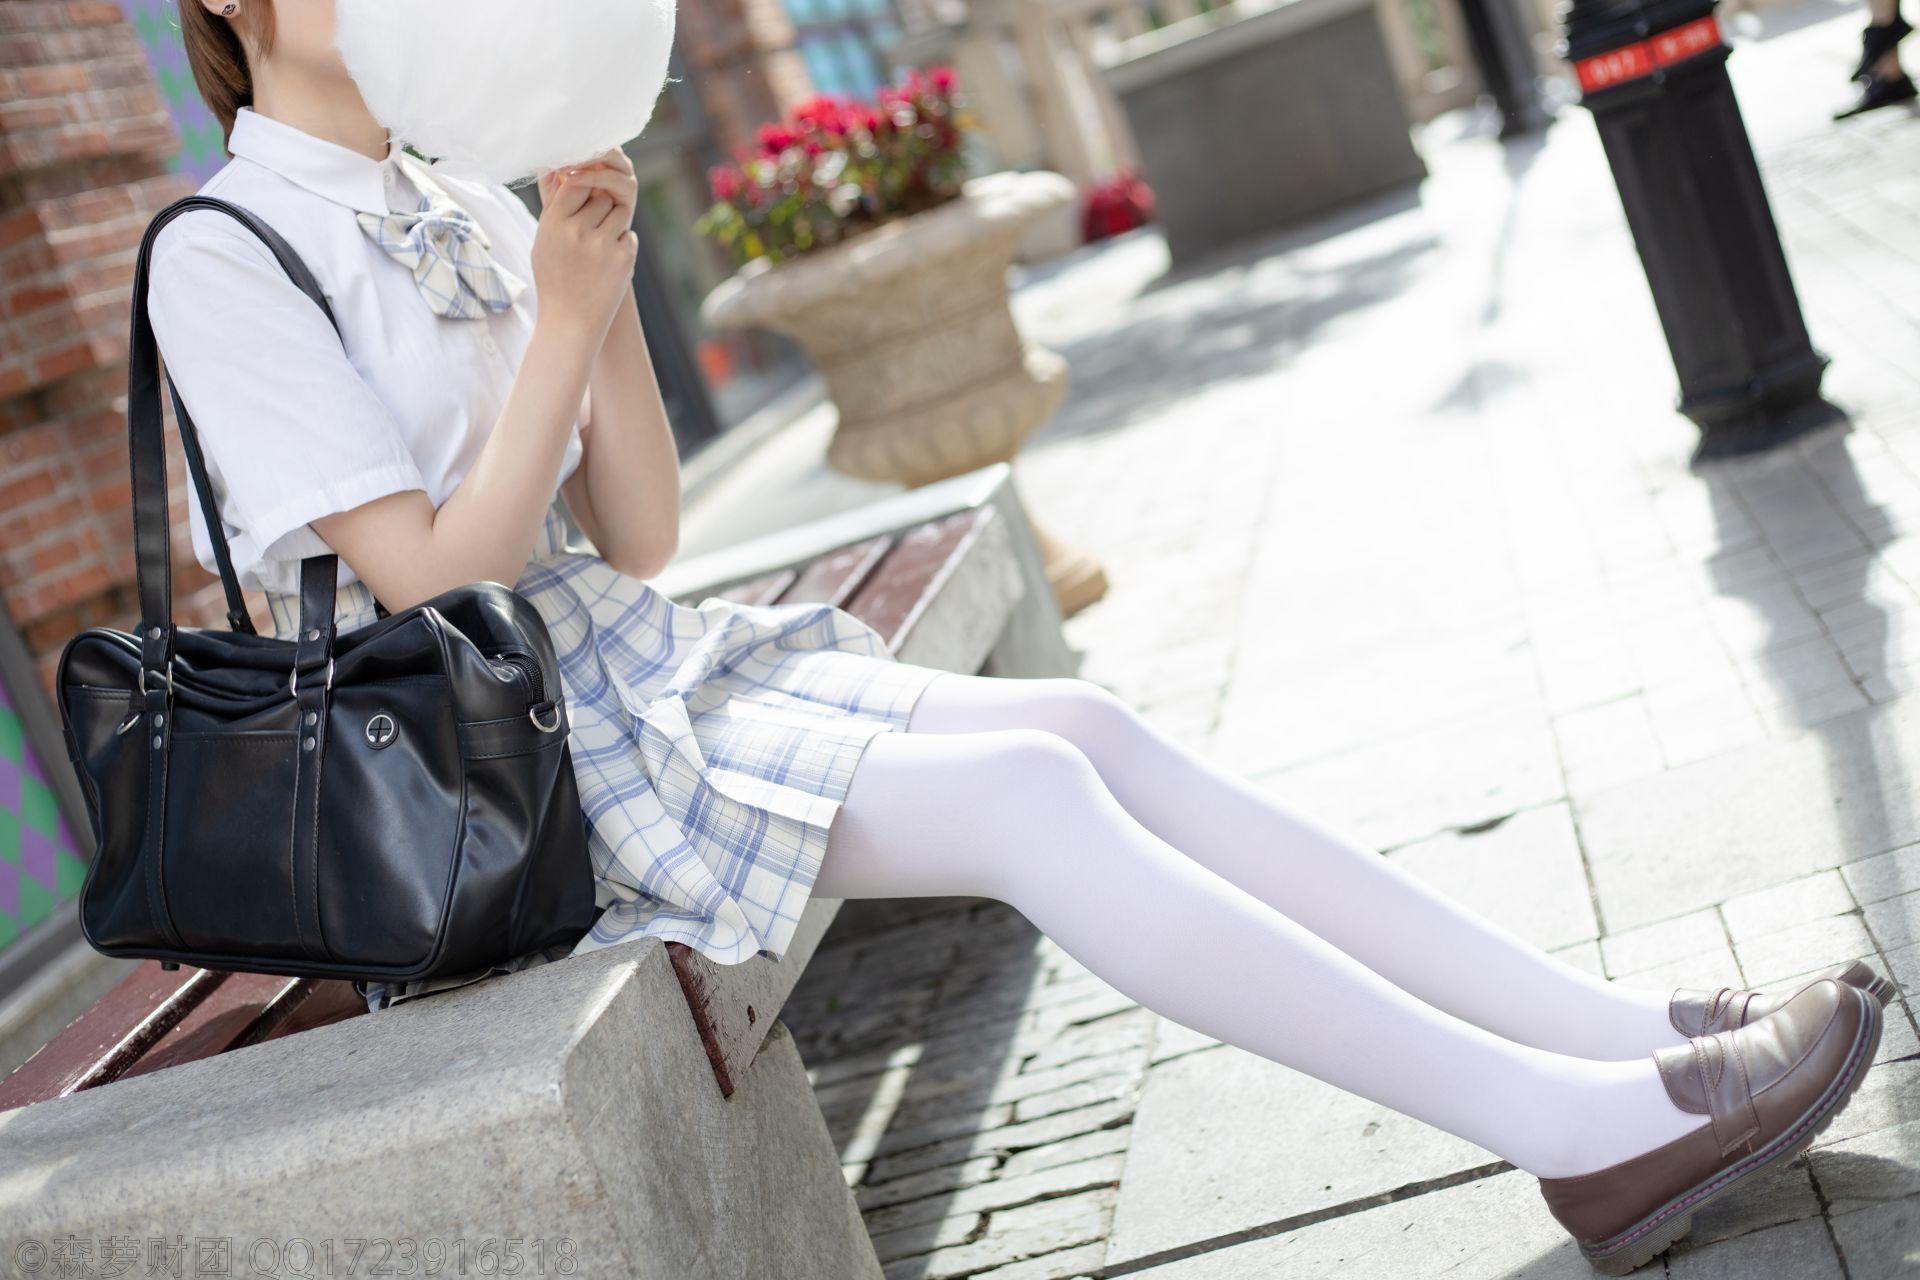 【森萝财团】森萝财团写真 - SSR-011 白丝棉花糖女孩 [104P-1.38GB] SSR系列 第3张